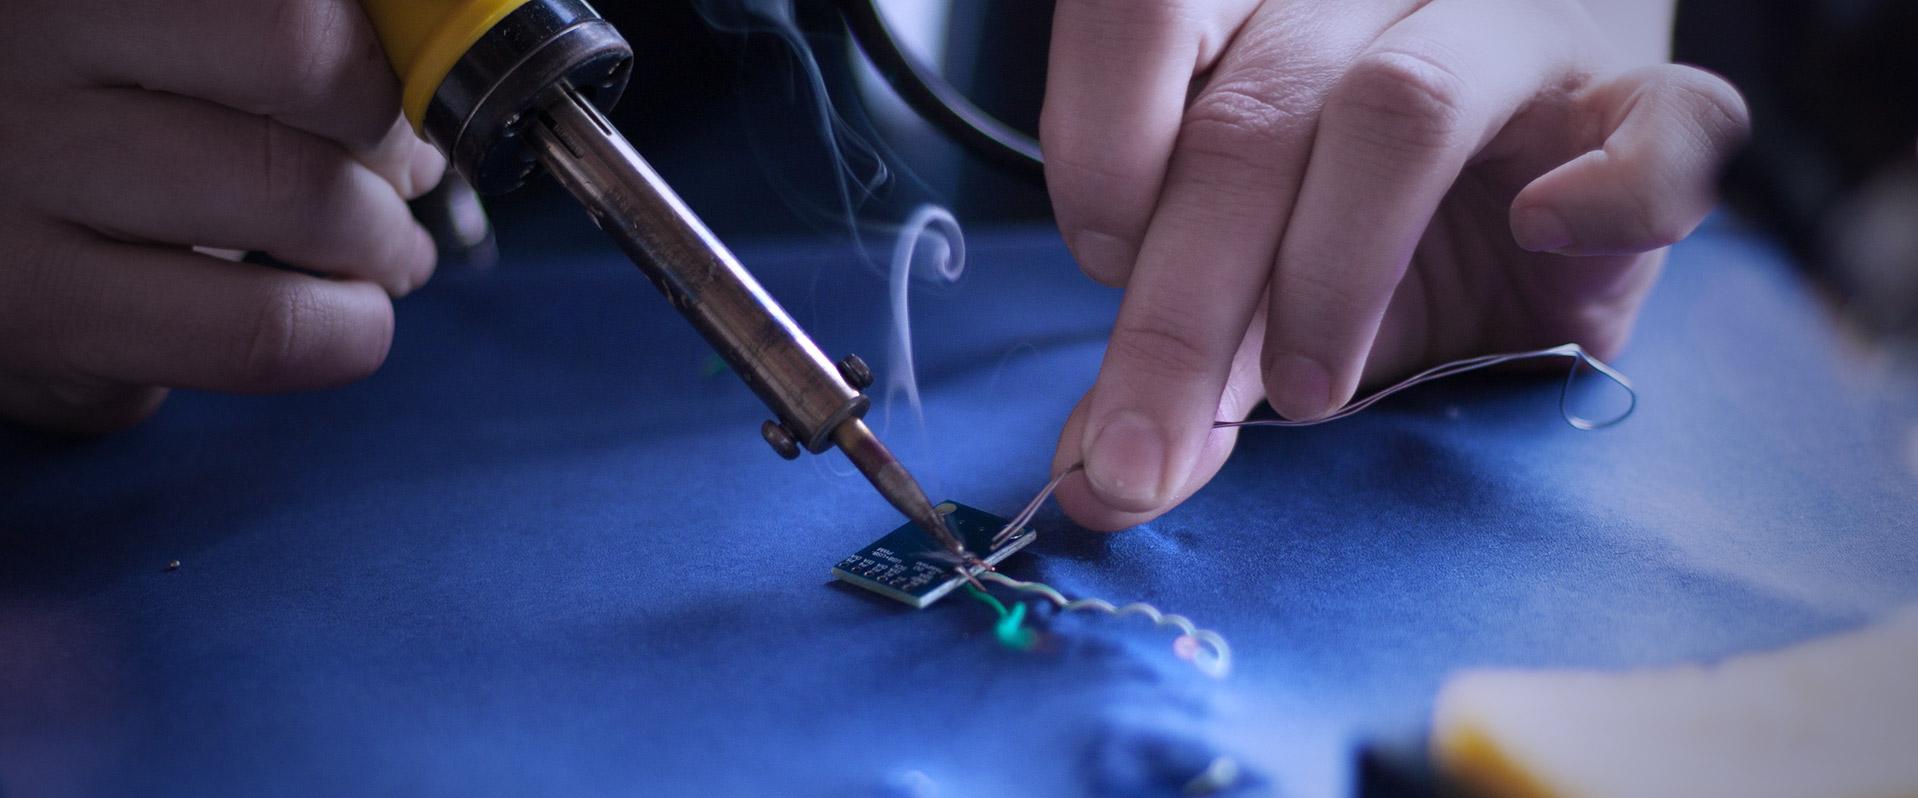 Repairs & Servicing | Unilet Sound & Vision